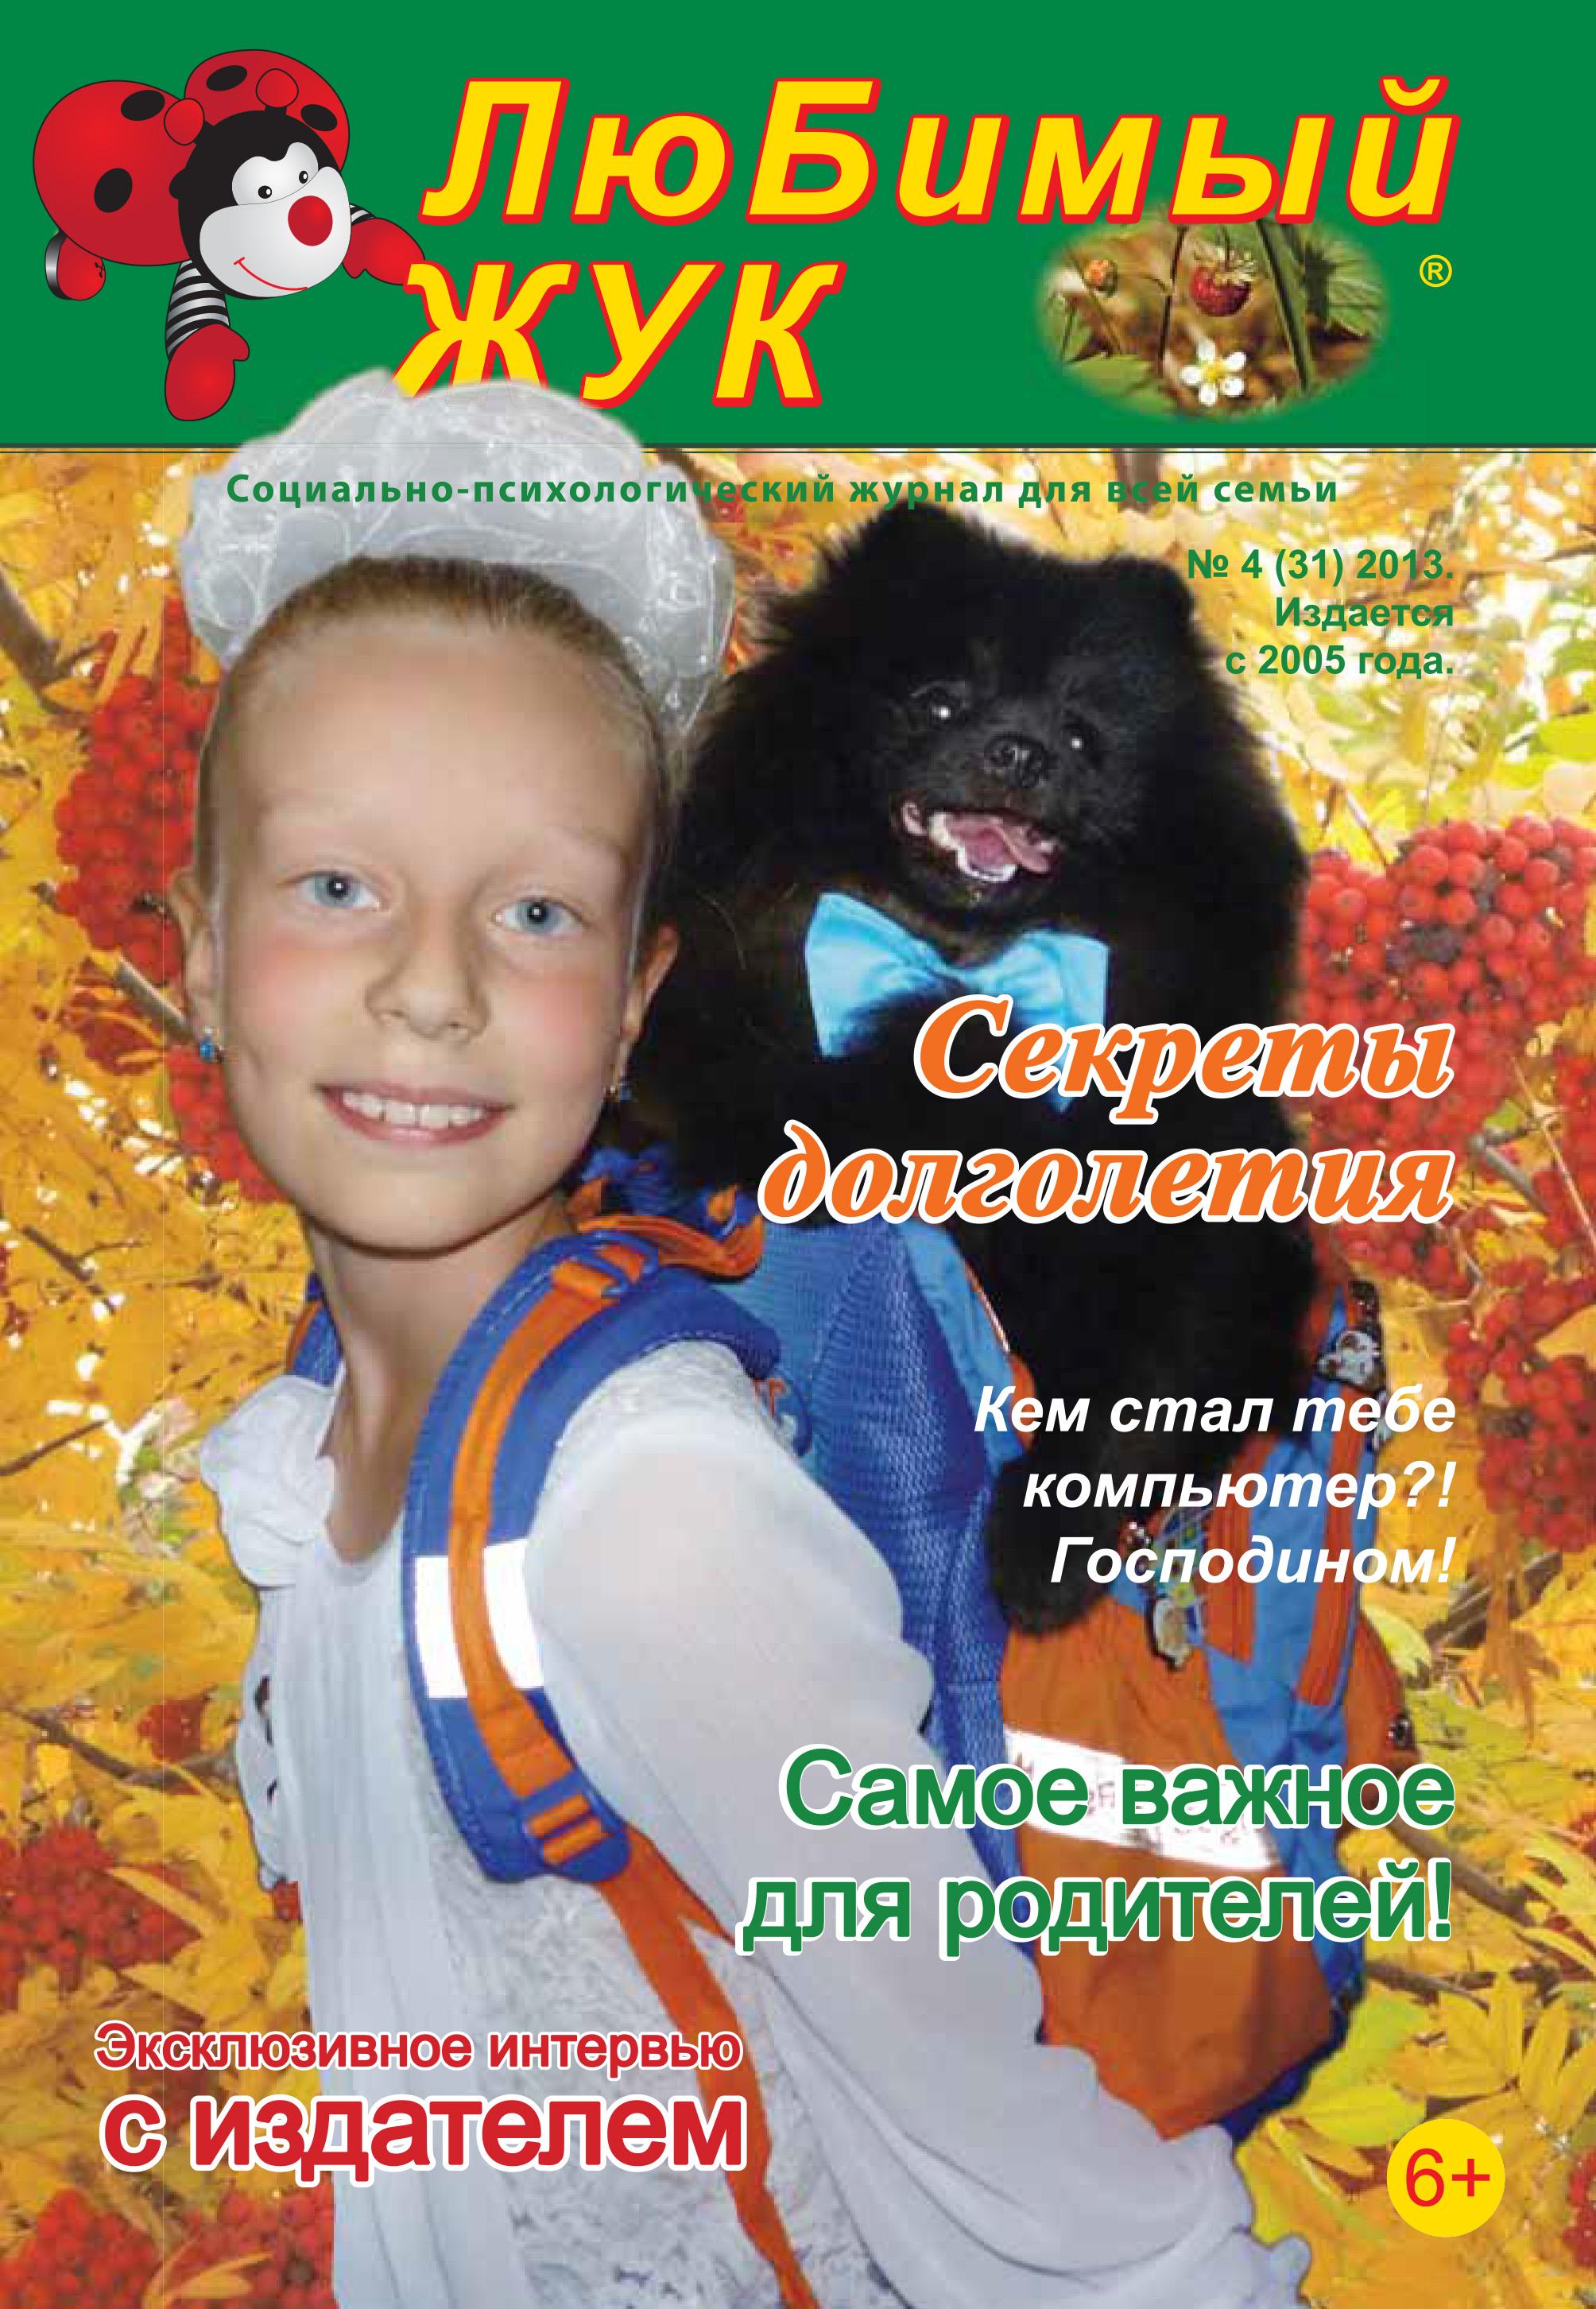 купить Отсутствует ЛюБимый Жук, №4 (31) 2013 недорого